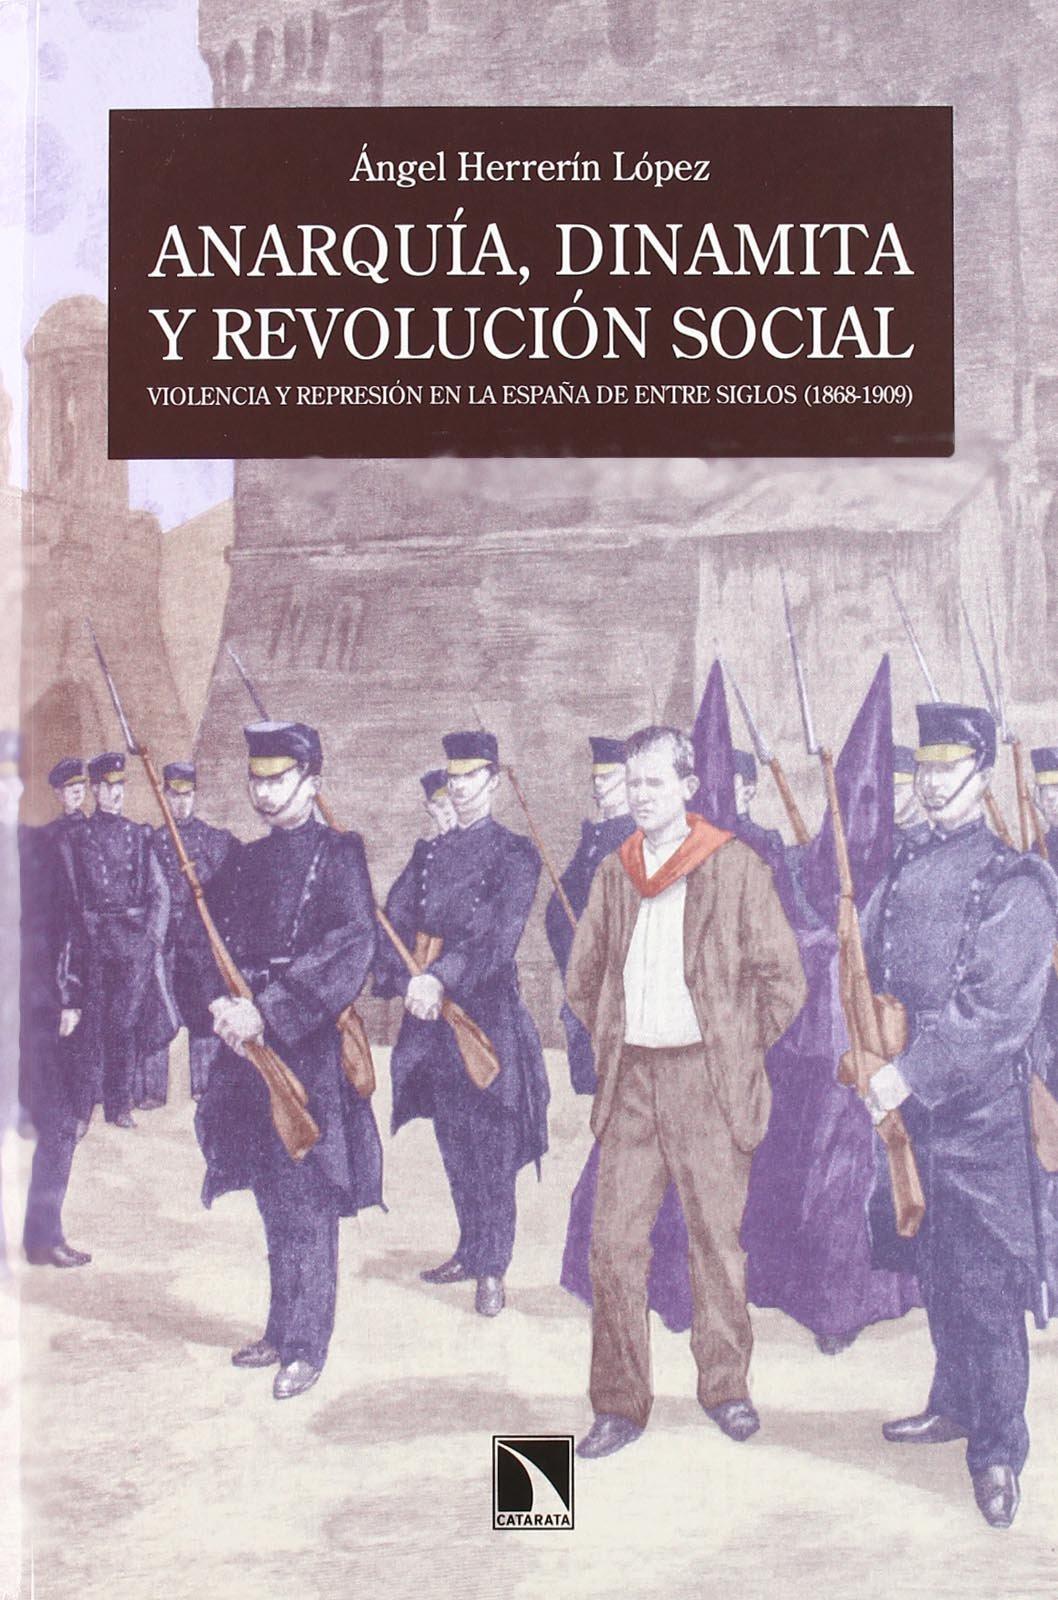 Anarquia Dinamita Y Revolucion So: Violencia y represión en la ...